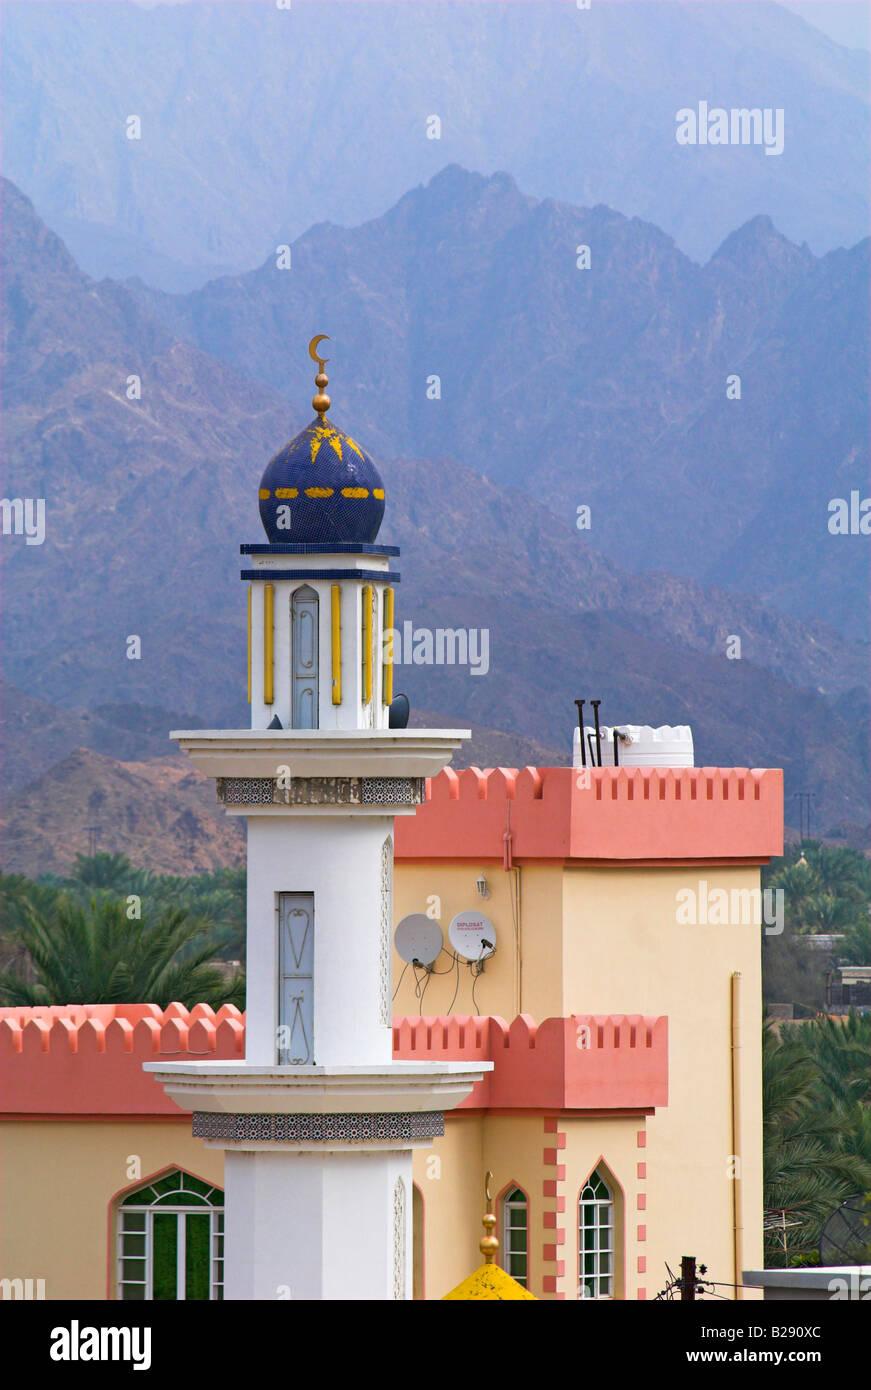 La moschea e le montagne Ar Rustaq Oman Data 12 03 2008 Ref ZB917 111153 0016 credito obbligatoria World Pictures Immagini Stock